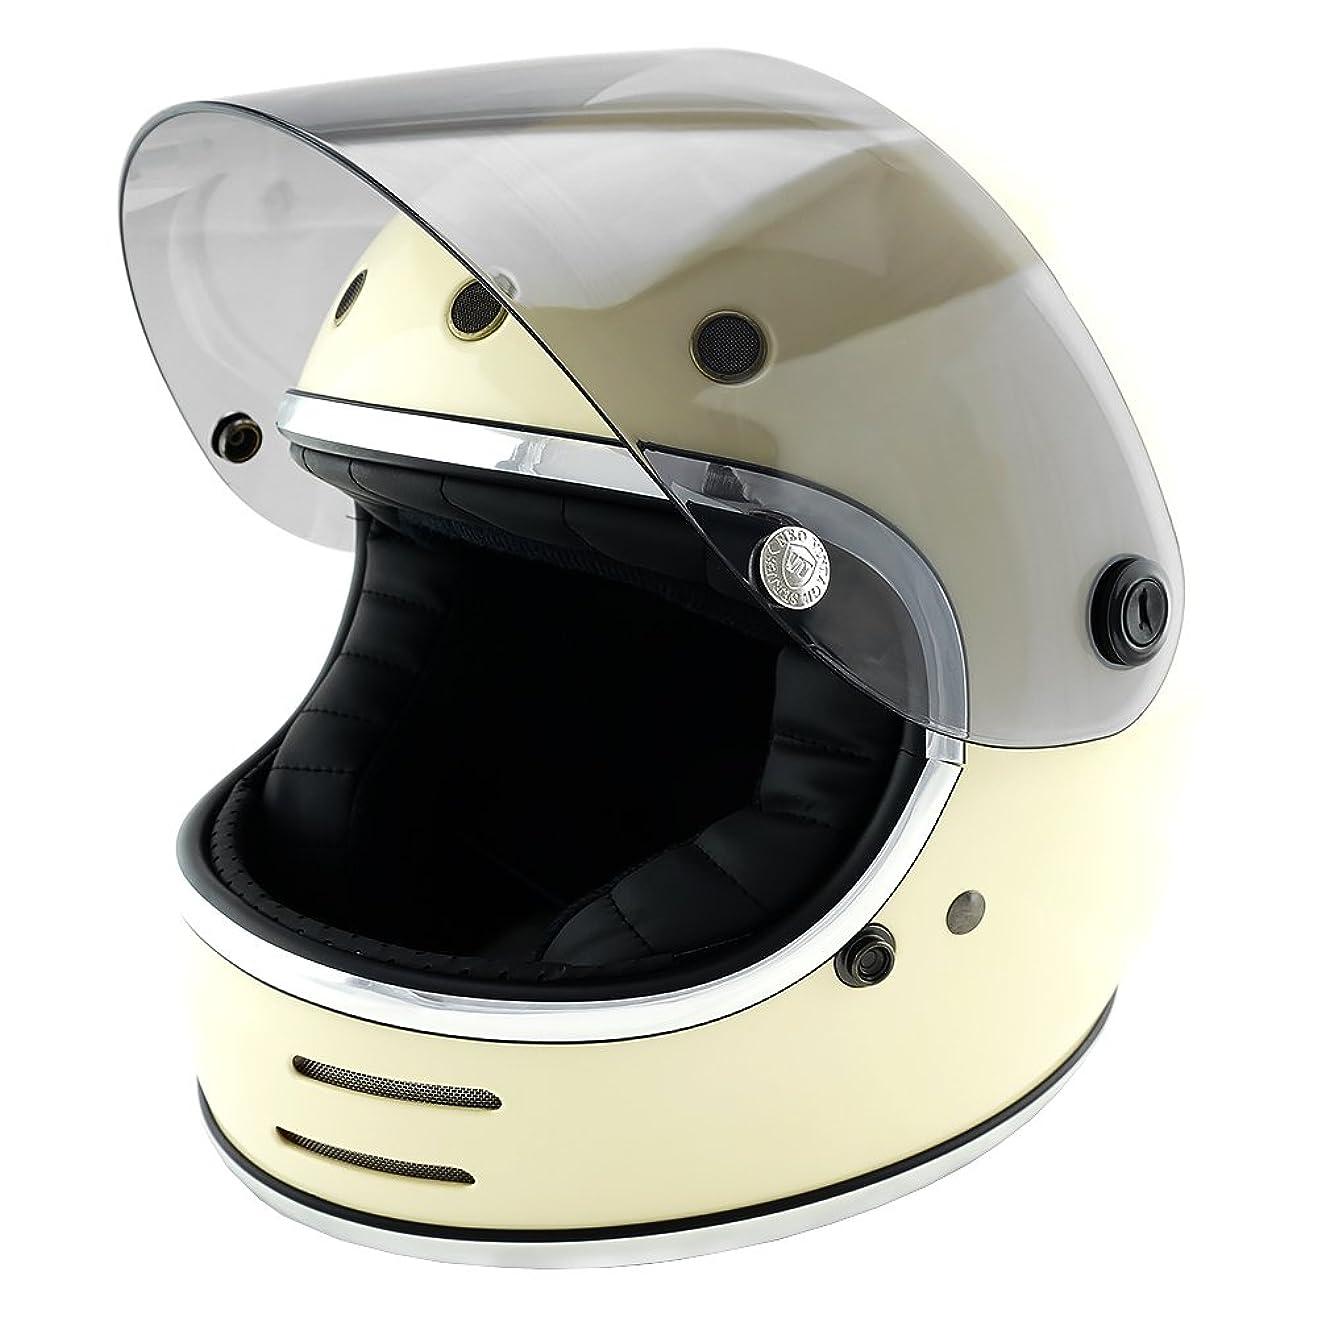 盆大学院補正NEO VINTAGE レトロフューチャー フルフェイス SG規格品 [アイボリー×ライトスモークシールド Lサイズ:59-60cm対応] VT-9 バイクヘルメット